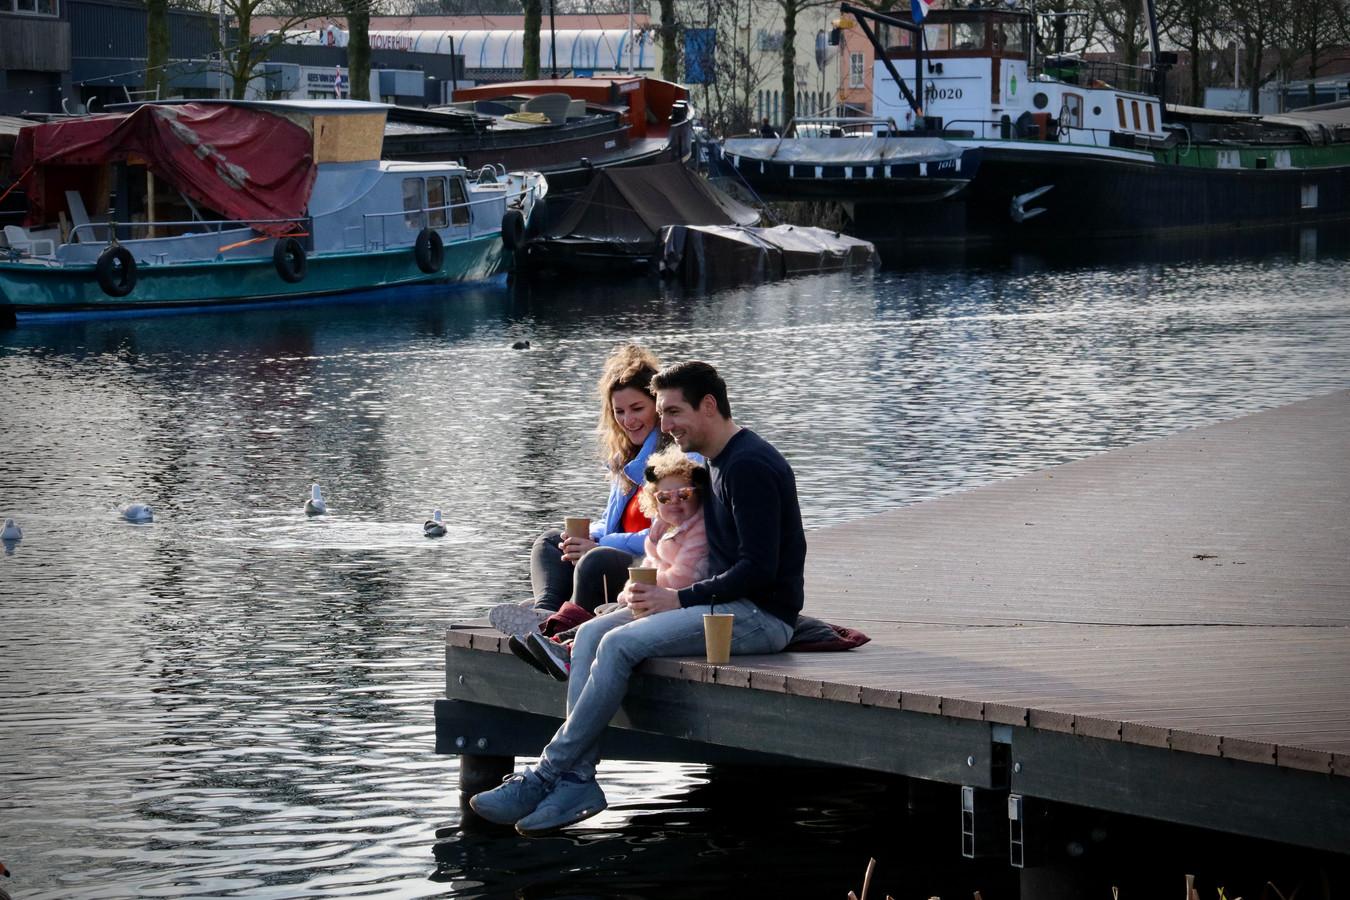 Iris Joosten (29), Thijs Telleman (34) en dochtertje Sofie (3) op de steiger.